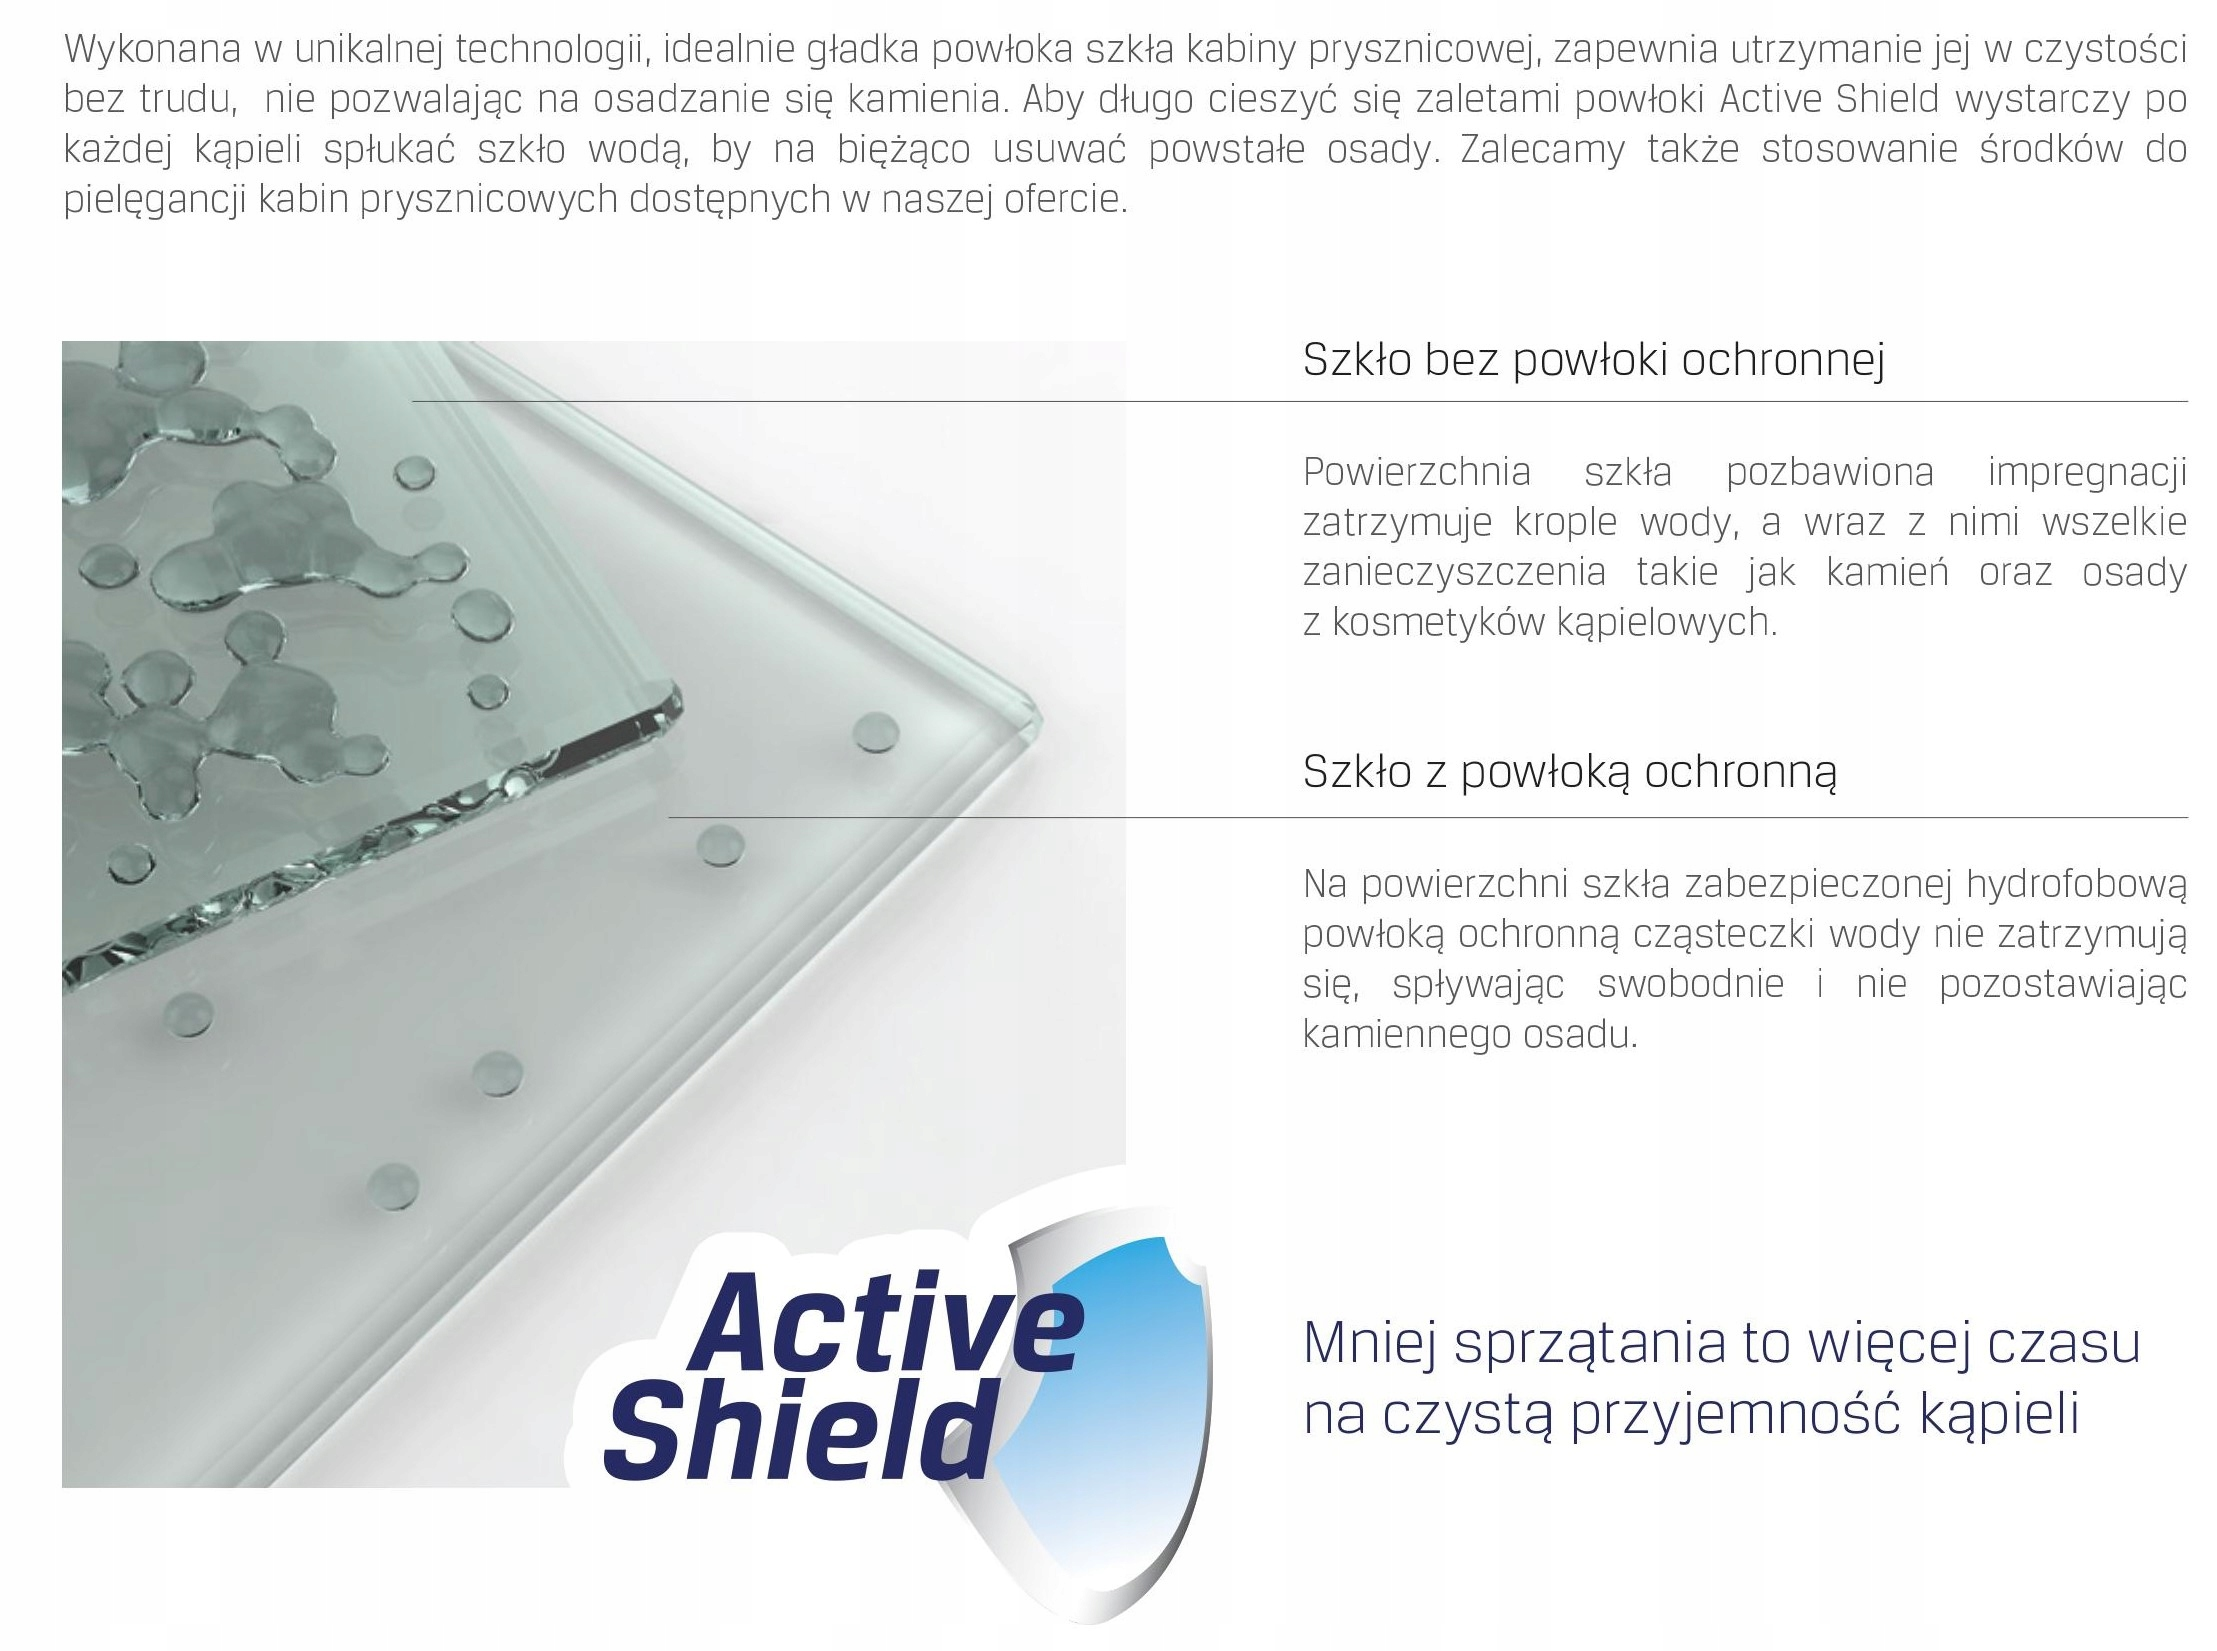 Szkło zabezpieczone specjalną powłoką hydrofobową ułatwiające utrzymanie czystości w łazience